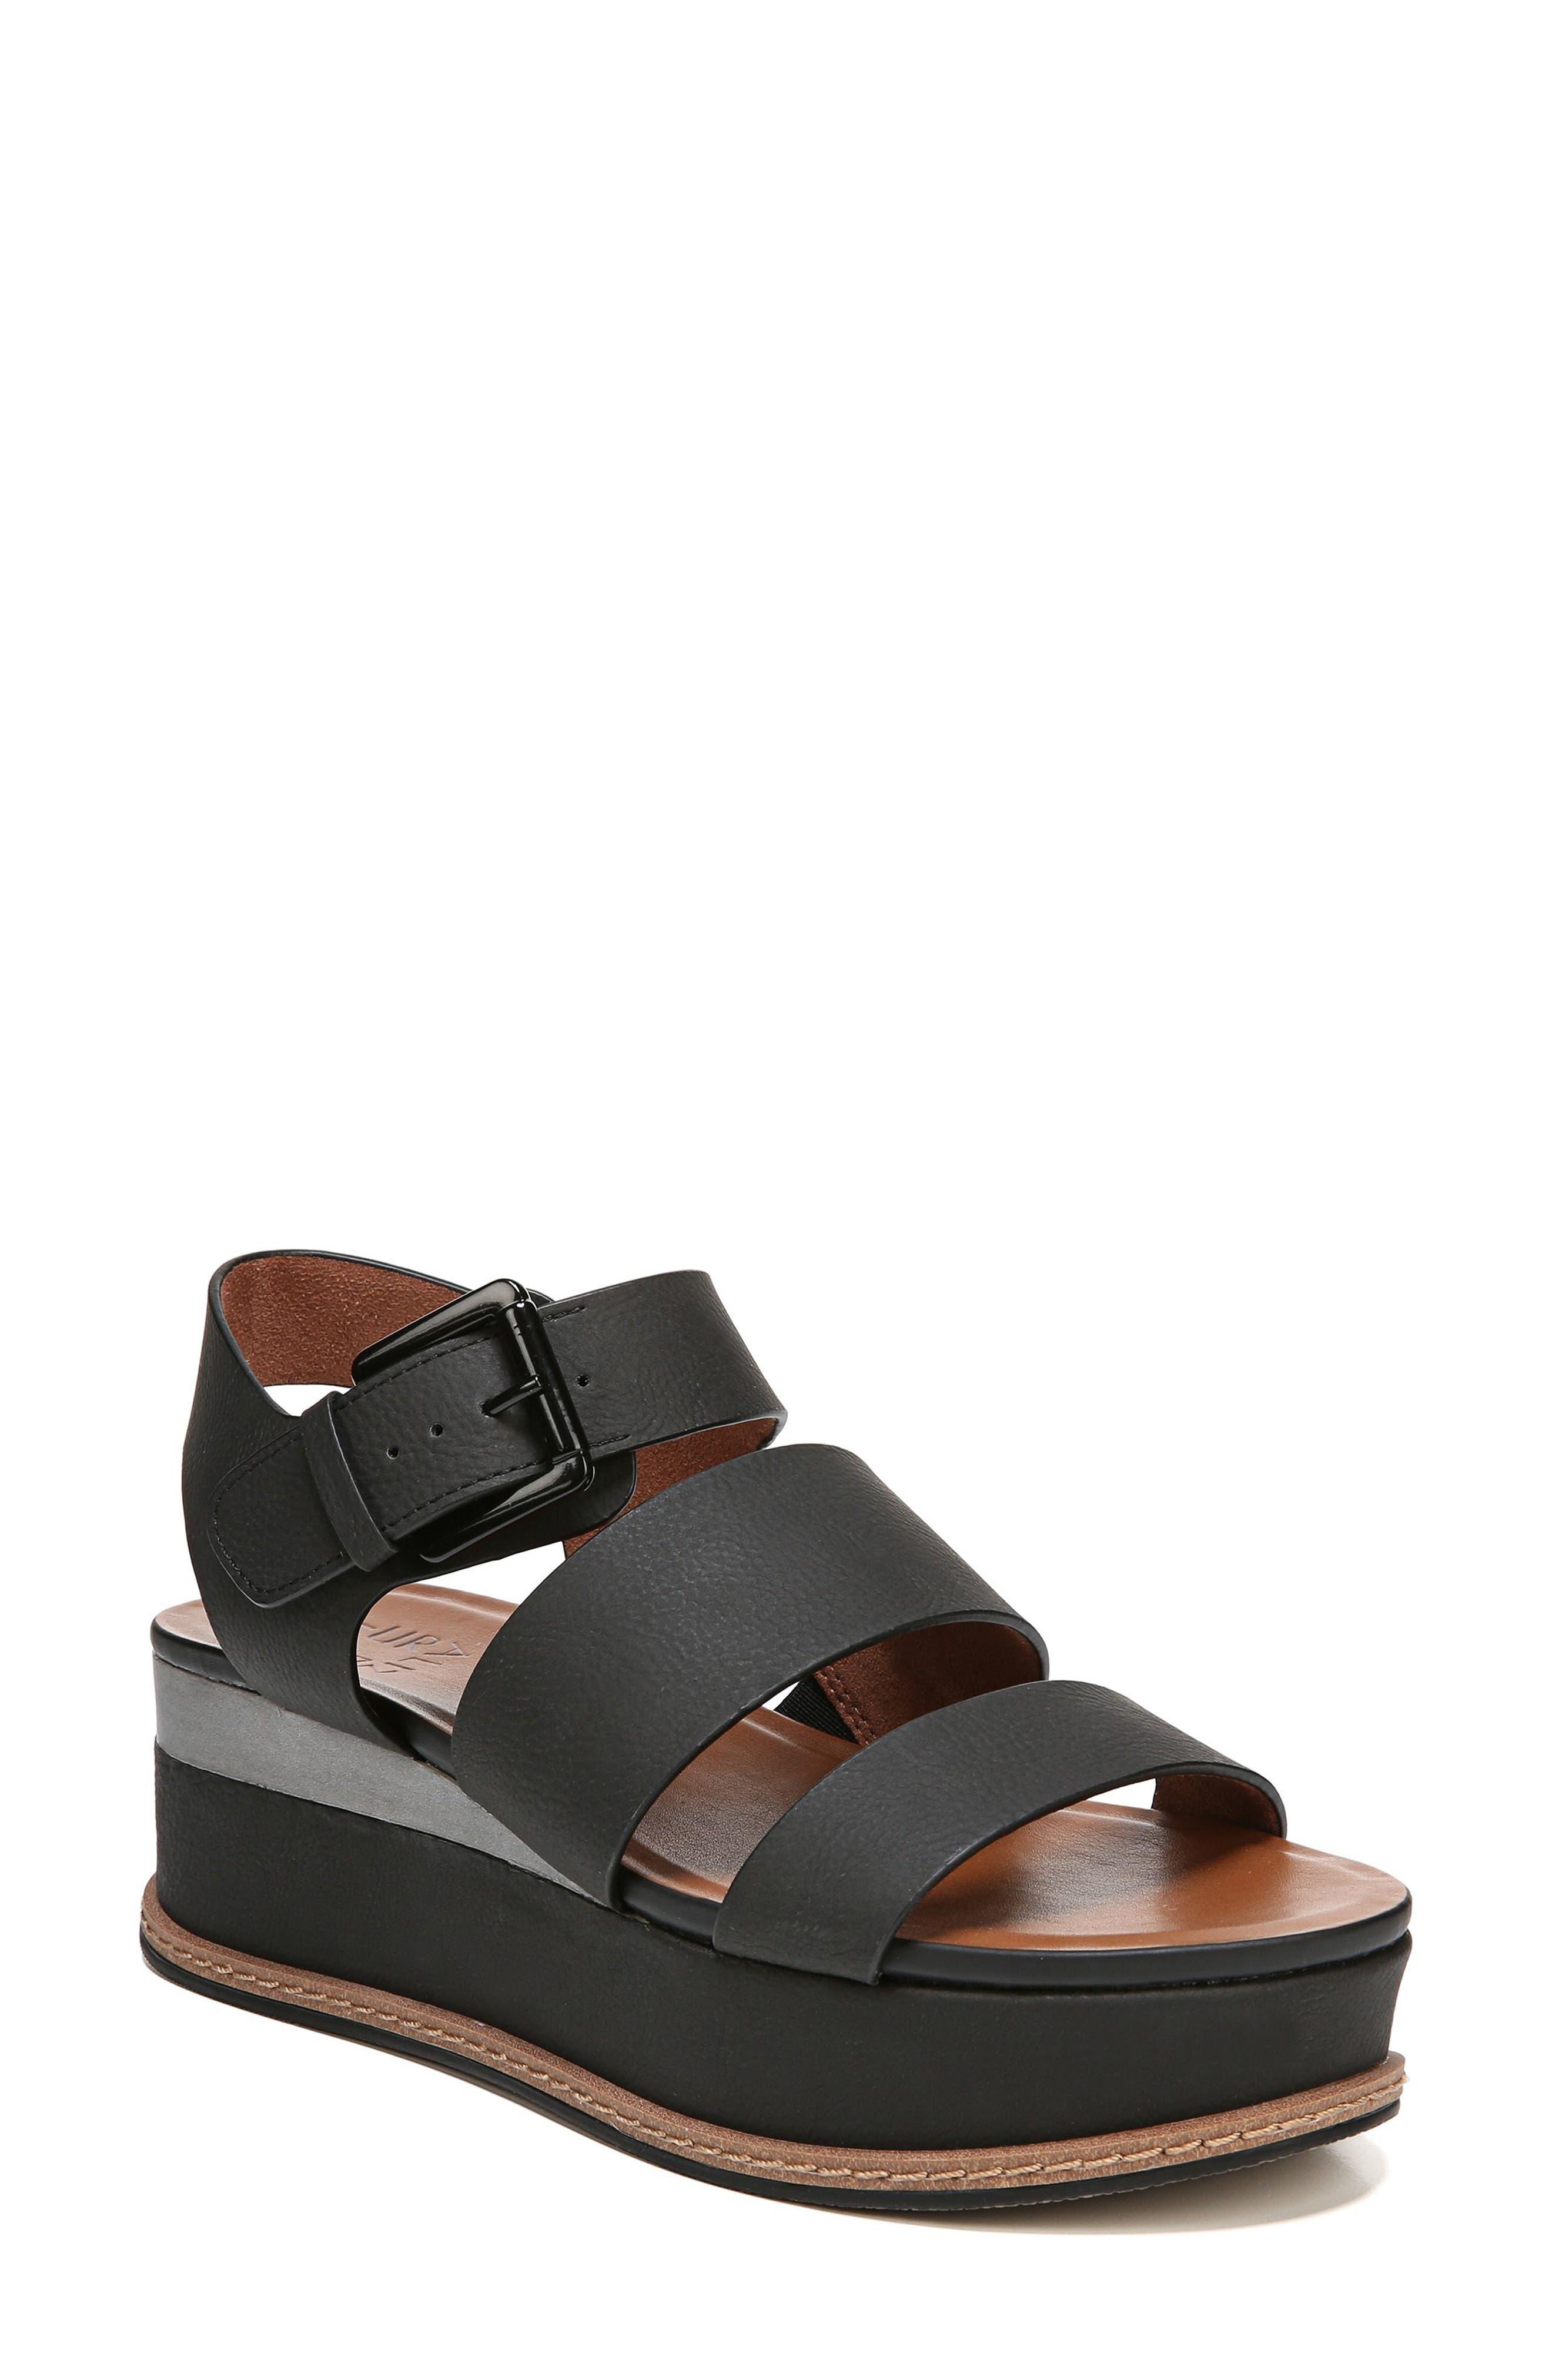 NATURALIZER, Billie Platform Sandal, Main thumbnail 1, color, BLACK FAUX NUBUCK LEATHER